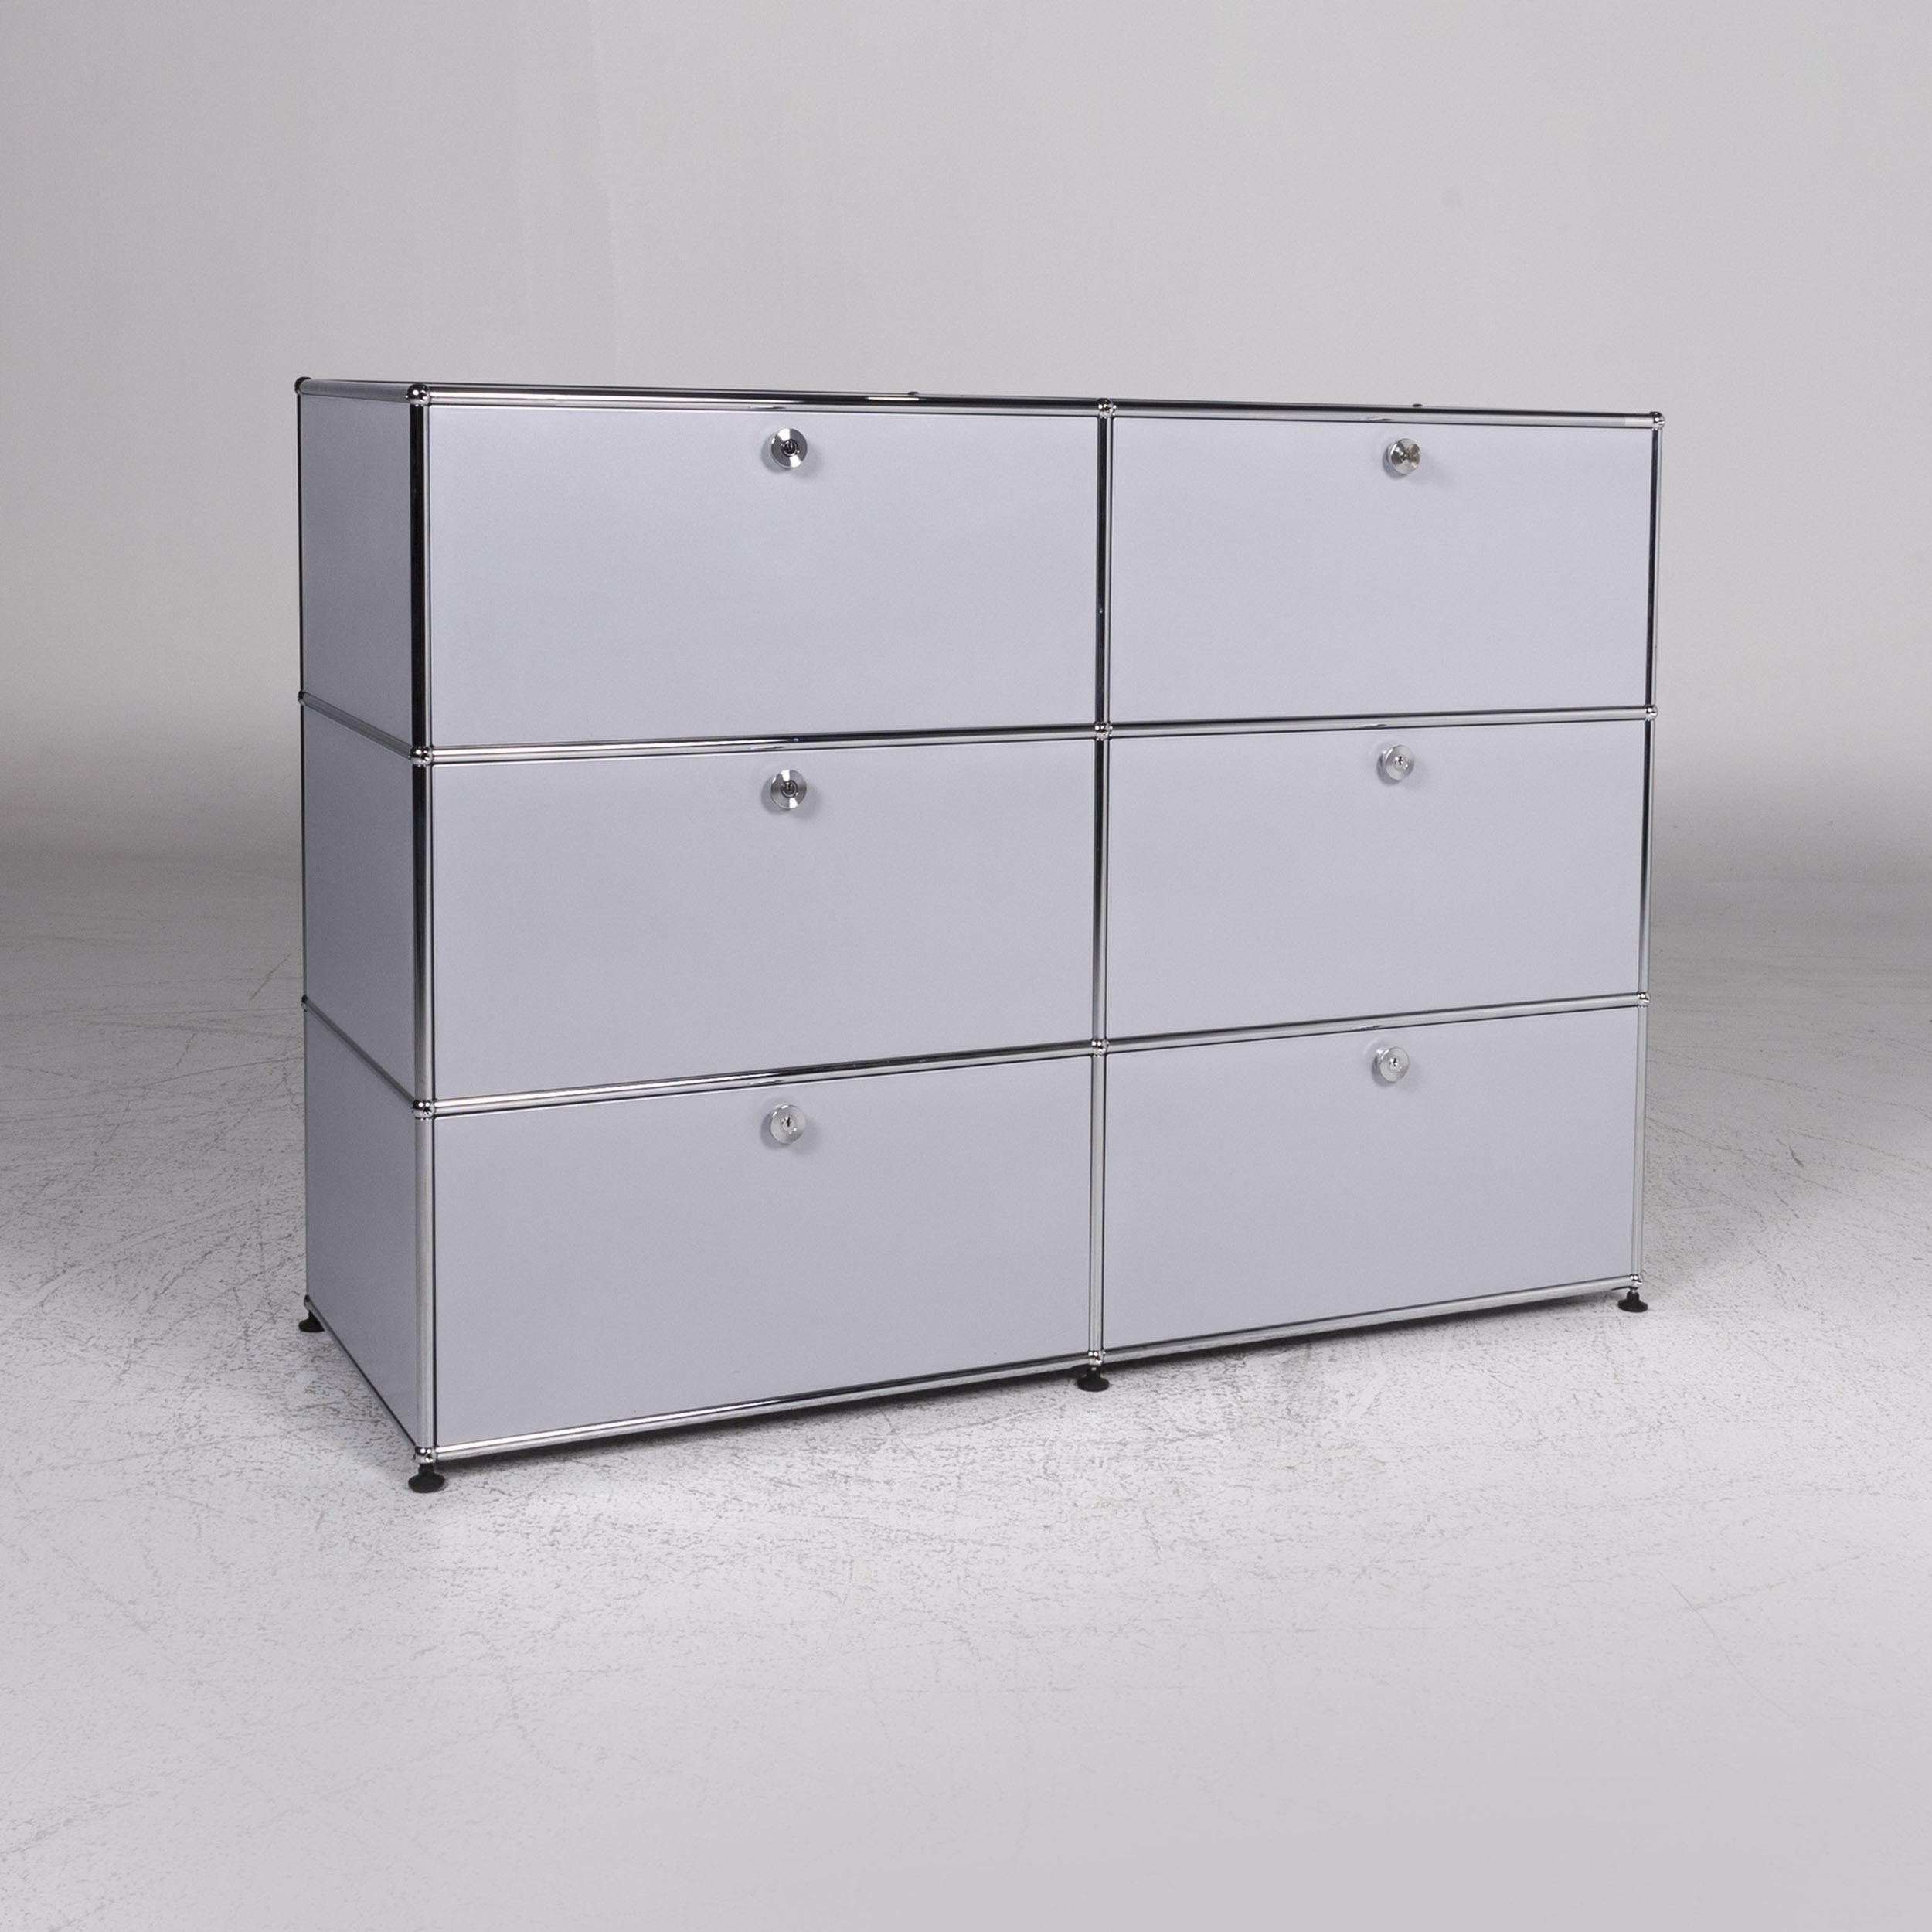 Usm Haller Designer Metal Sideboard Gray Drawers 9302 Usm Haller